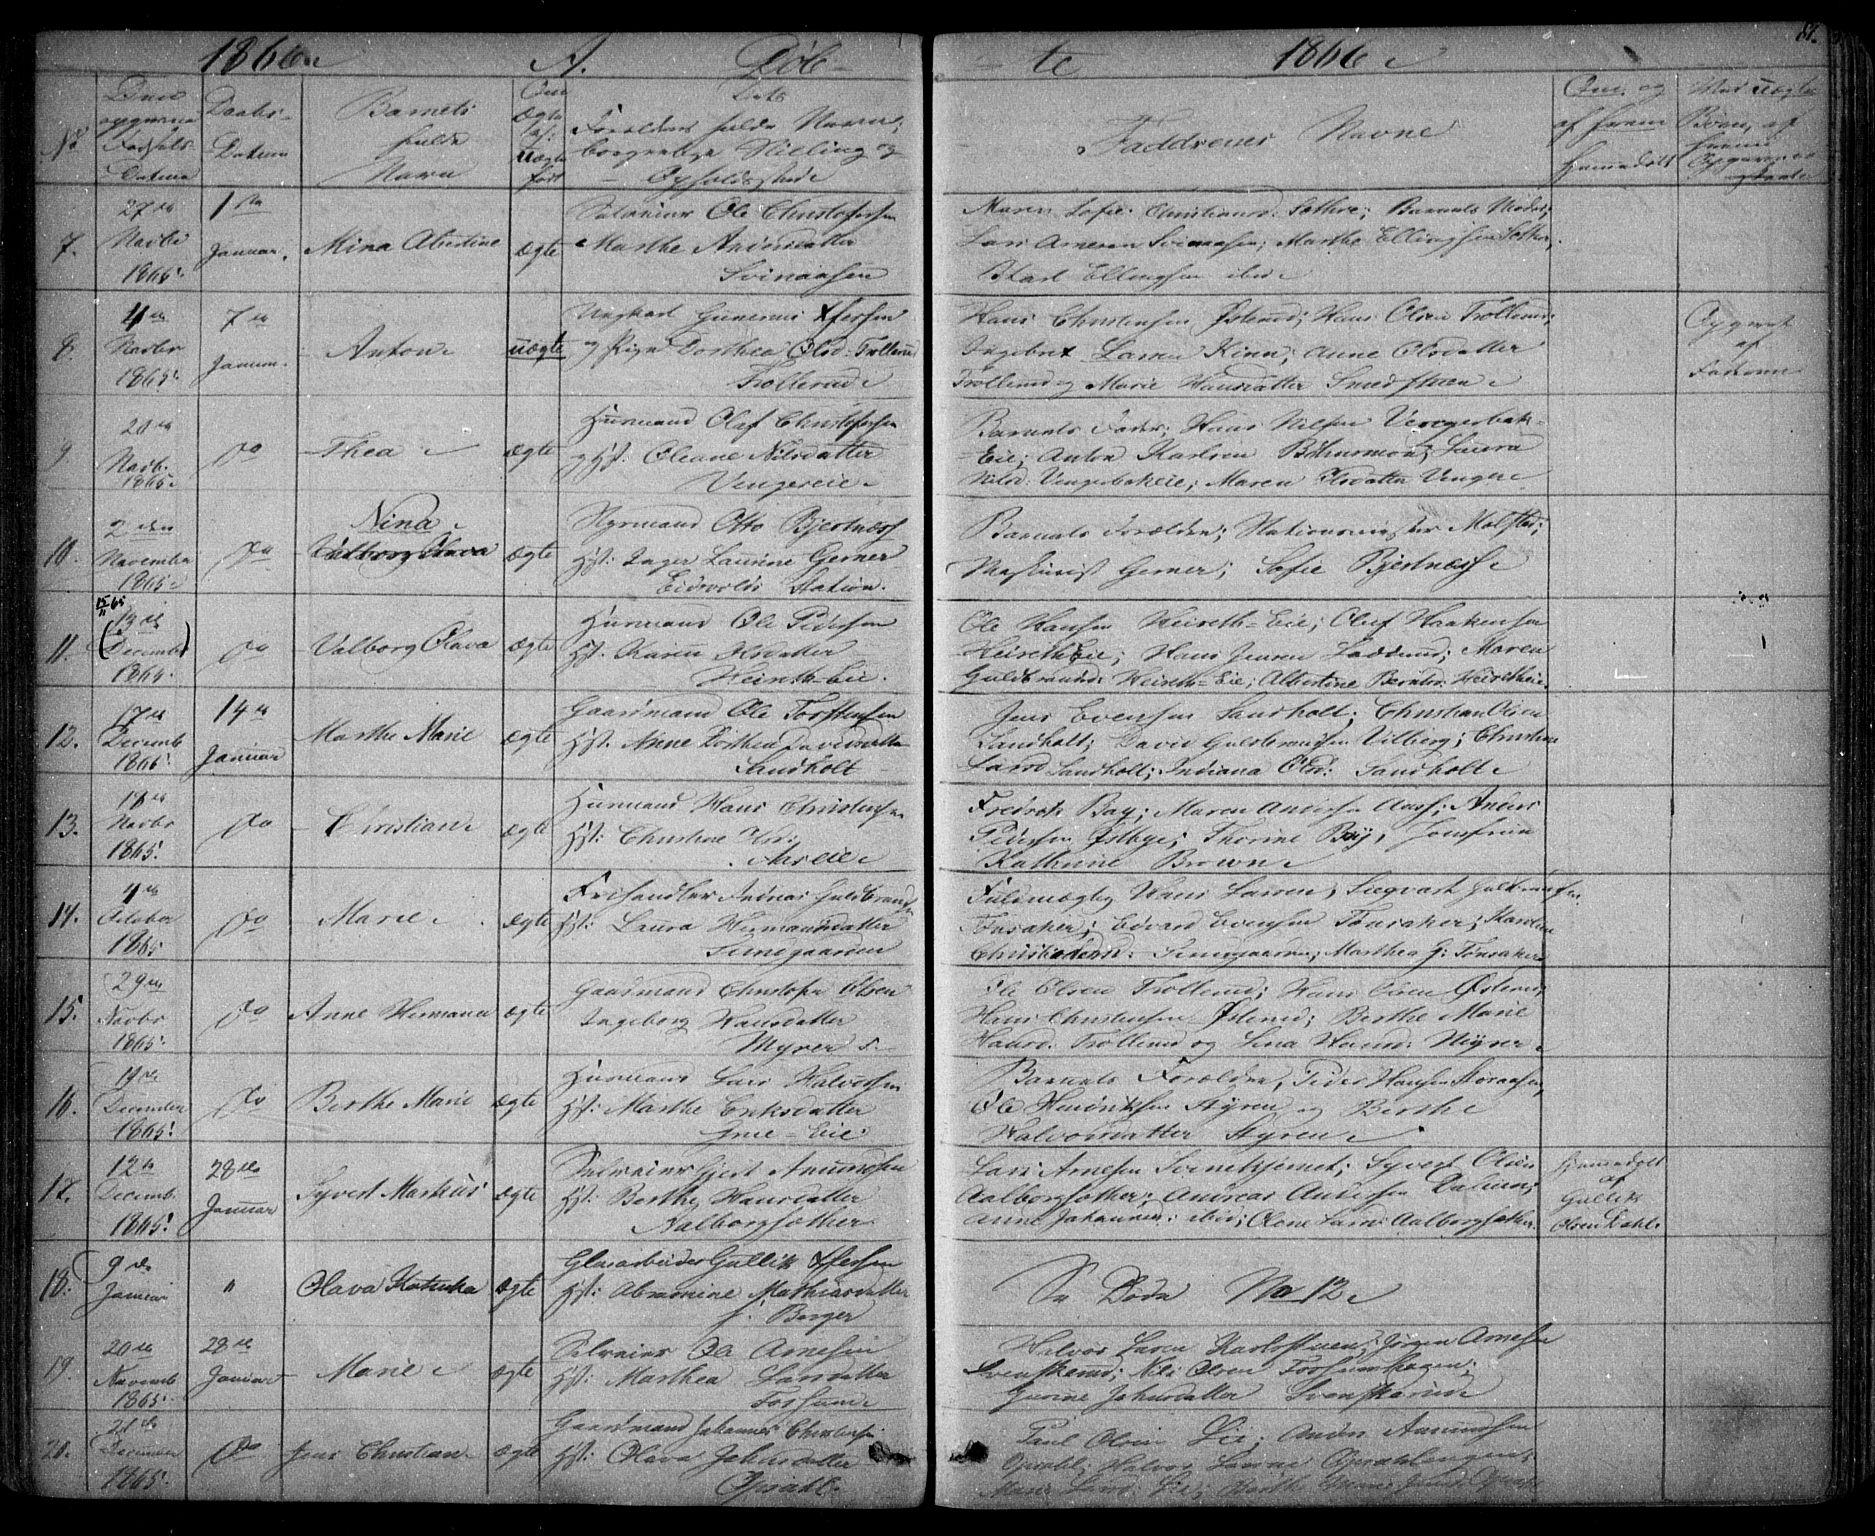 SAO, Eidsvoll prestekontor Kirkebøker, G/Ga/L0001: Klokkerbok nr. I 1, 1861-1866, s. 81